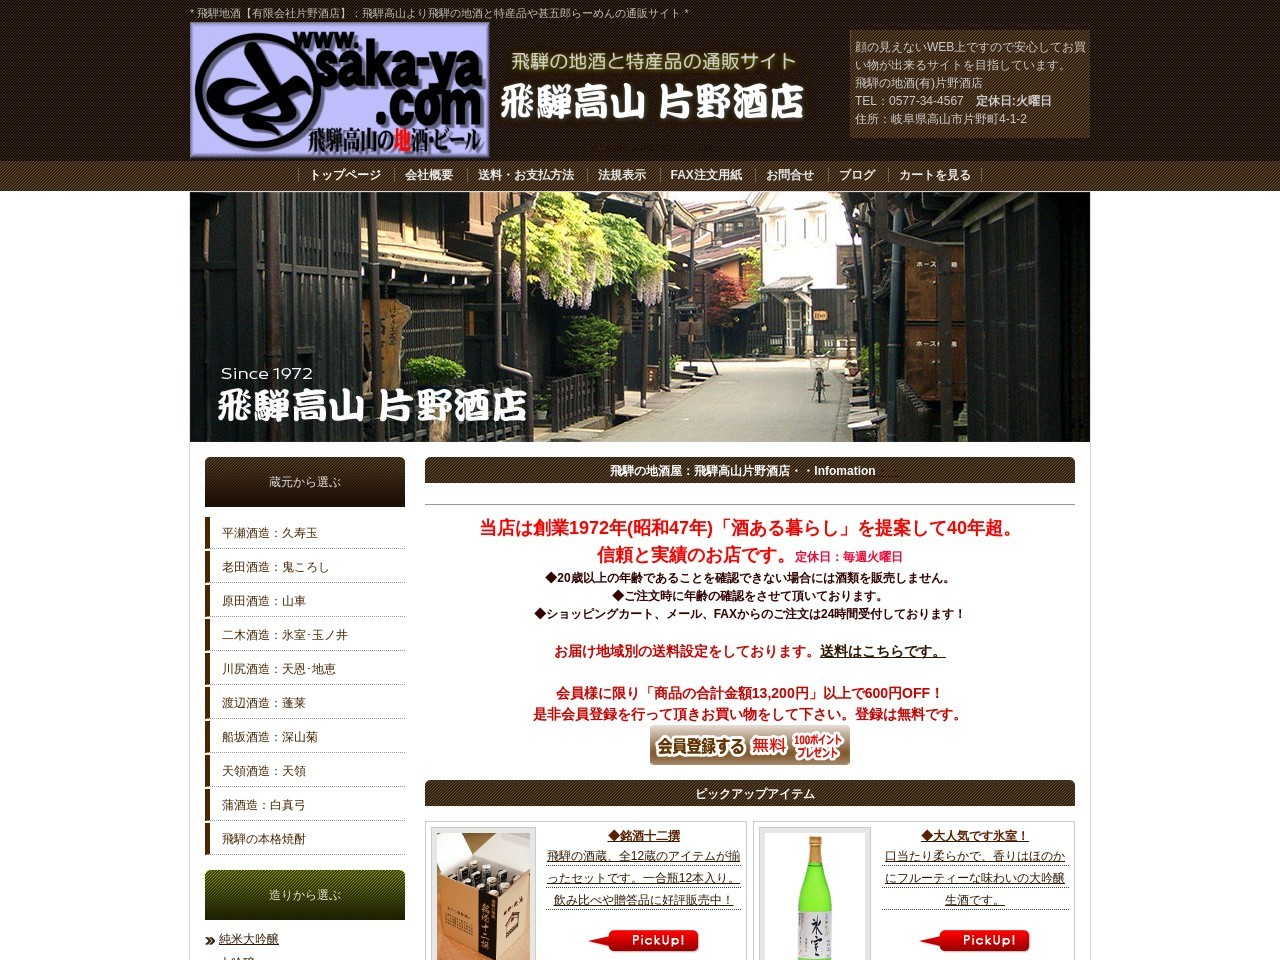 飛騨地酒【飛騨高山:片野酒店】飛騨高山の地酒と特産品、甚五郎らーめんの通販サイト